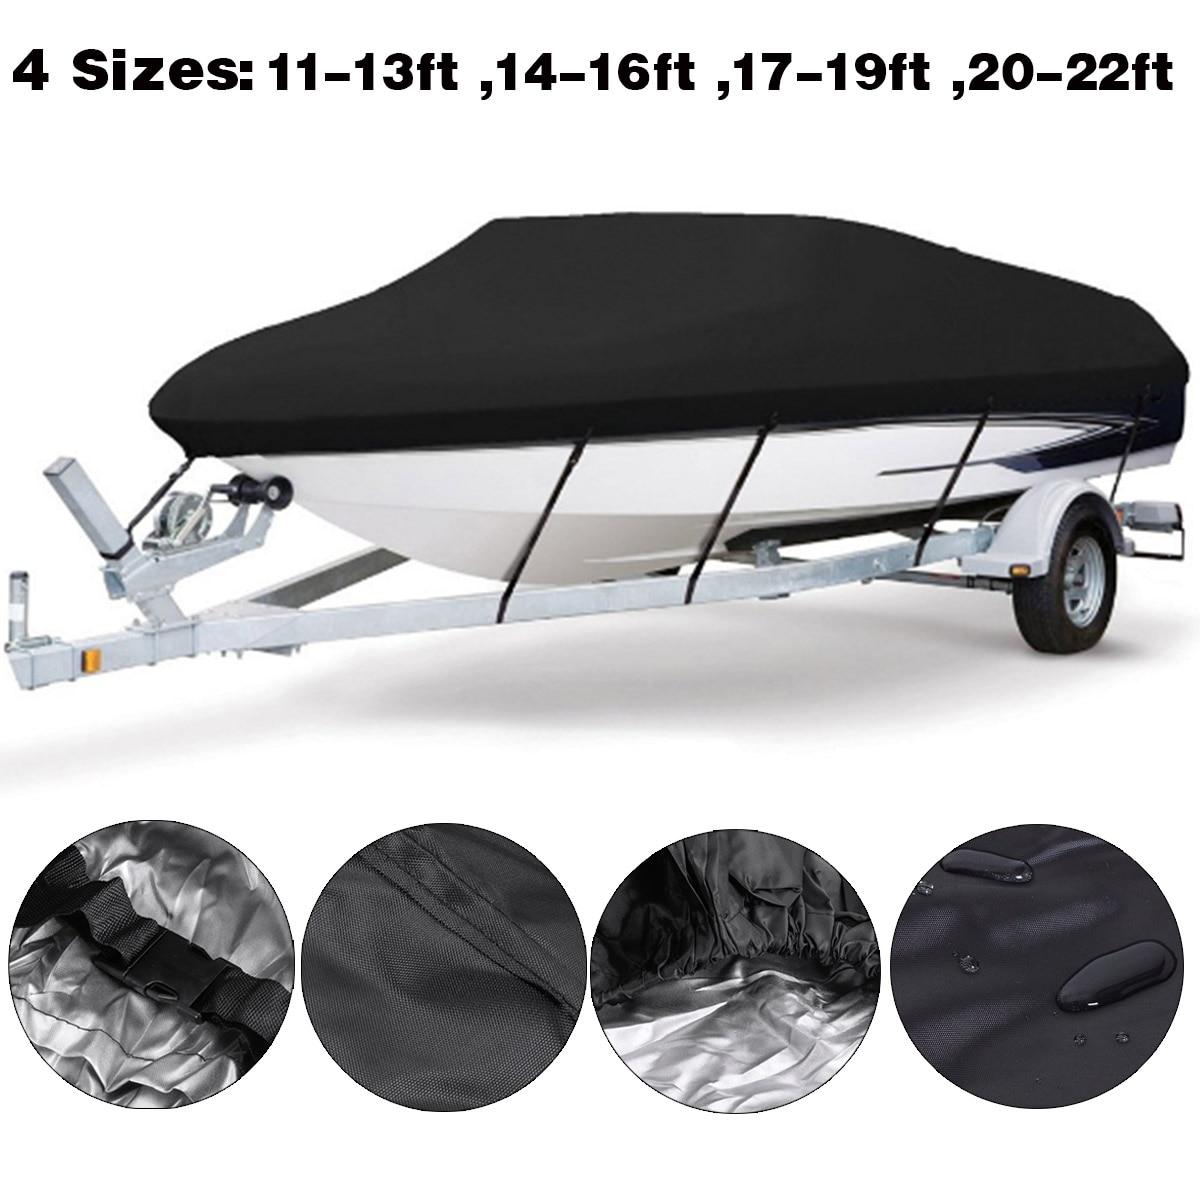 Boat Cover Anti-UV Waterproof Heavy Duty 210D Marine Trailerable